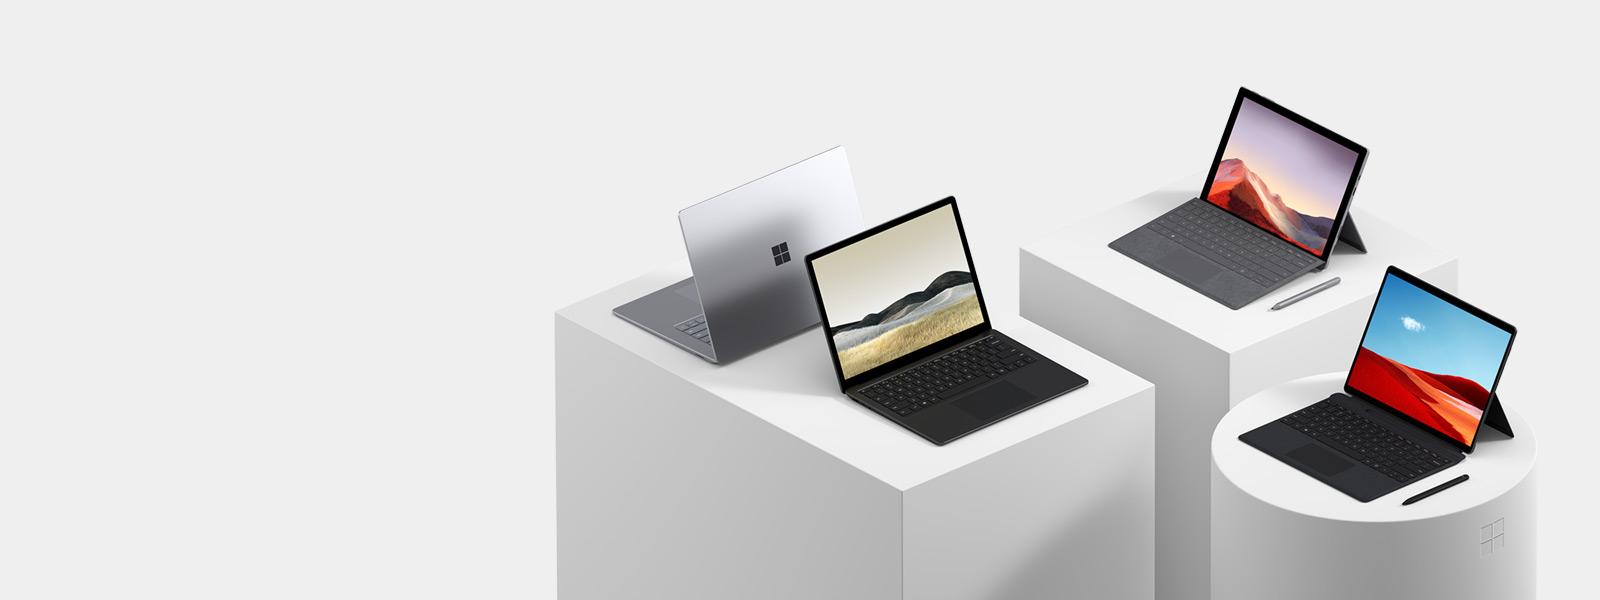 各款 Windows 10 筆記型電腦